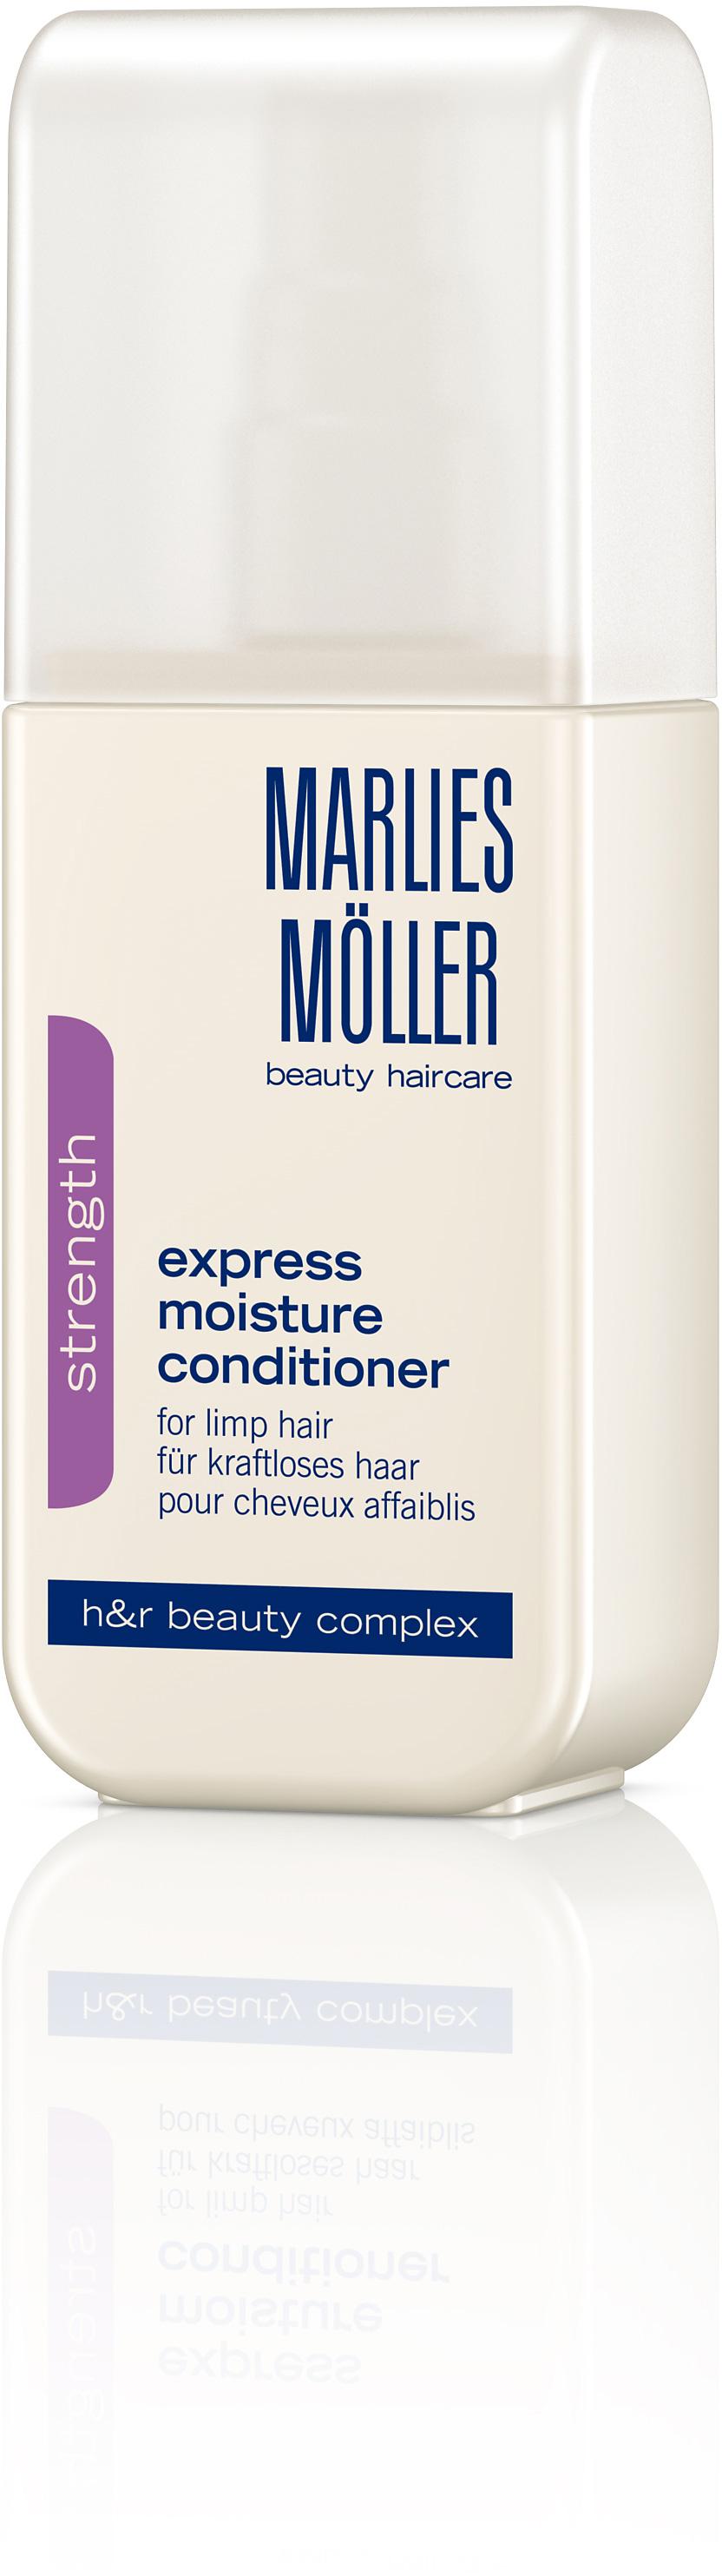 Marlies Möller Care Express Moisture 125 ml